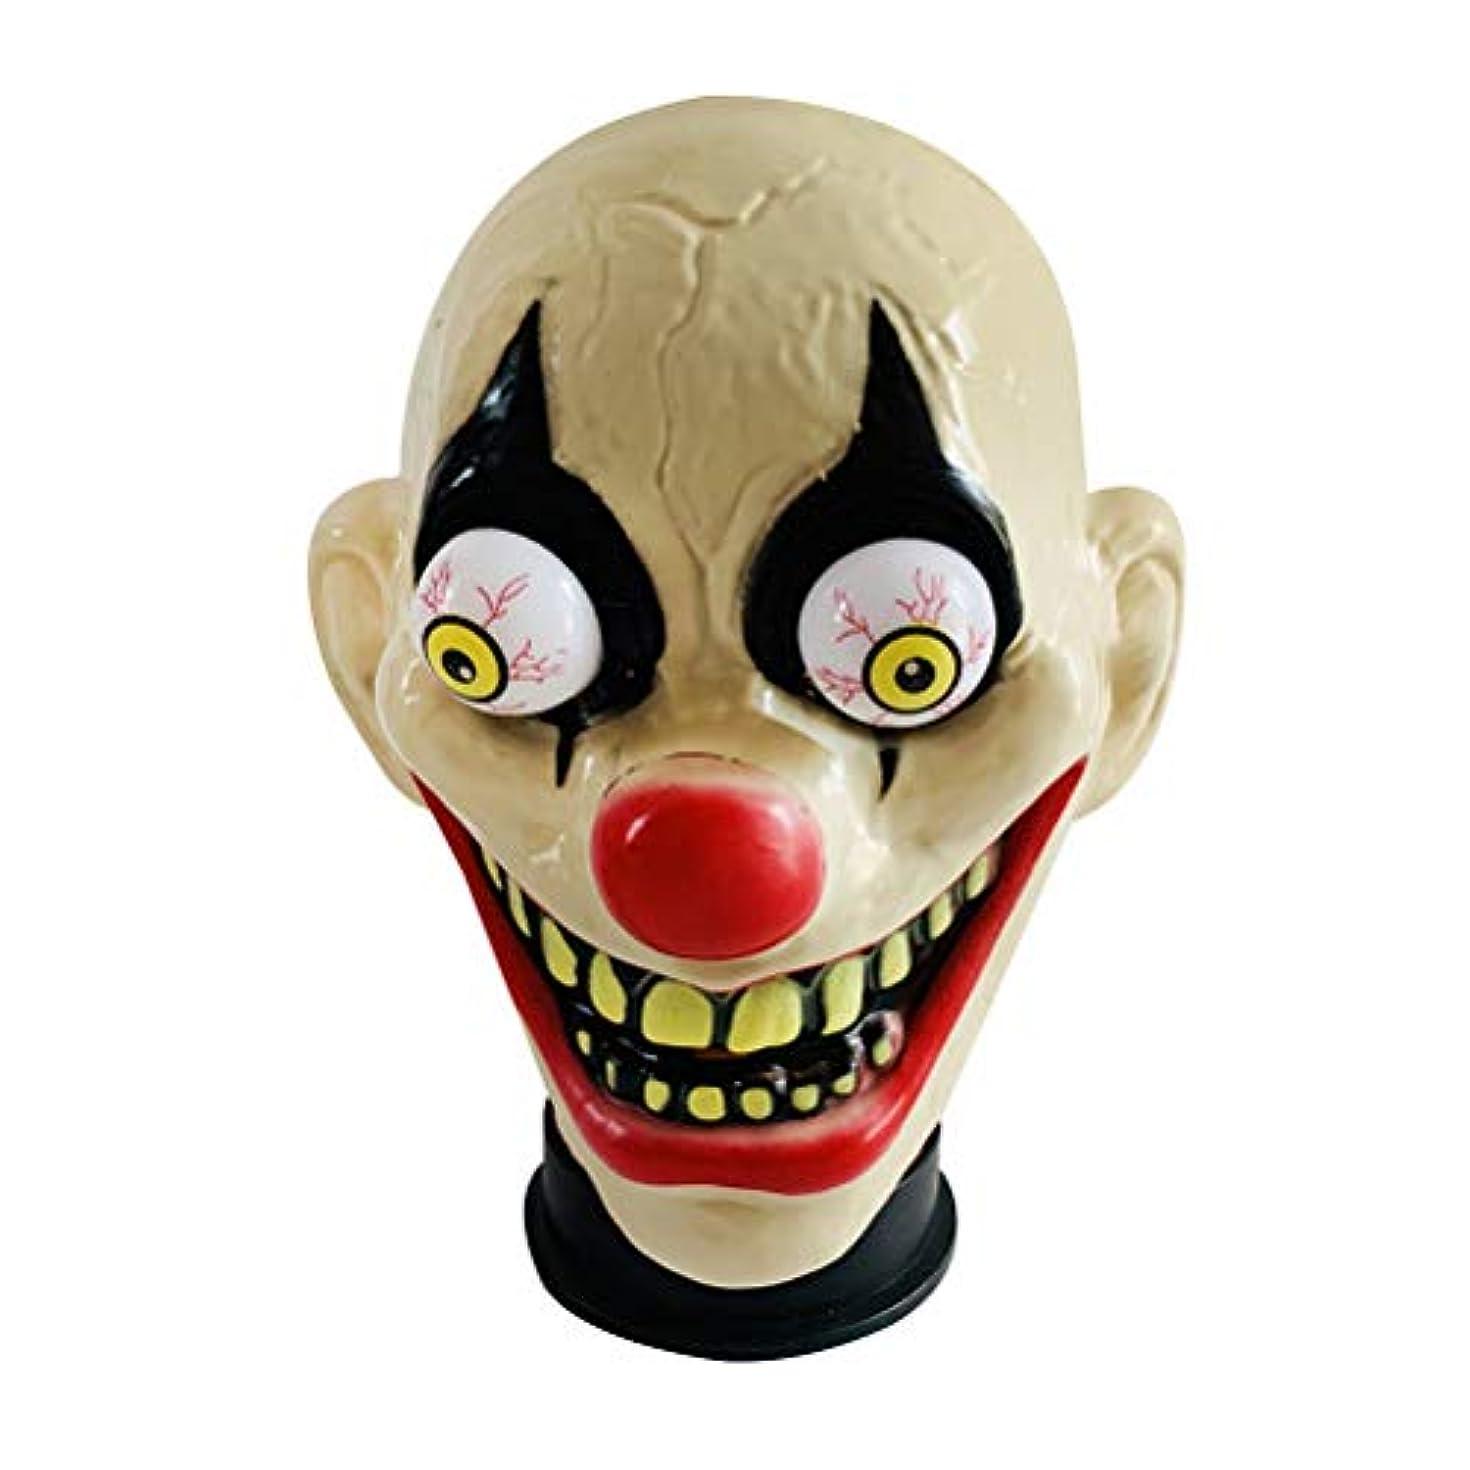 告白するテザーパズルBESTOYARD ハロウィーン怖いピエロマスクテロホラーピエロヘッドカバーハロウィンコスプレパーティー用男性用マスク(ピエロタイプ)